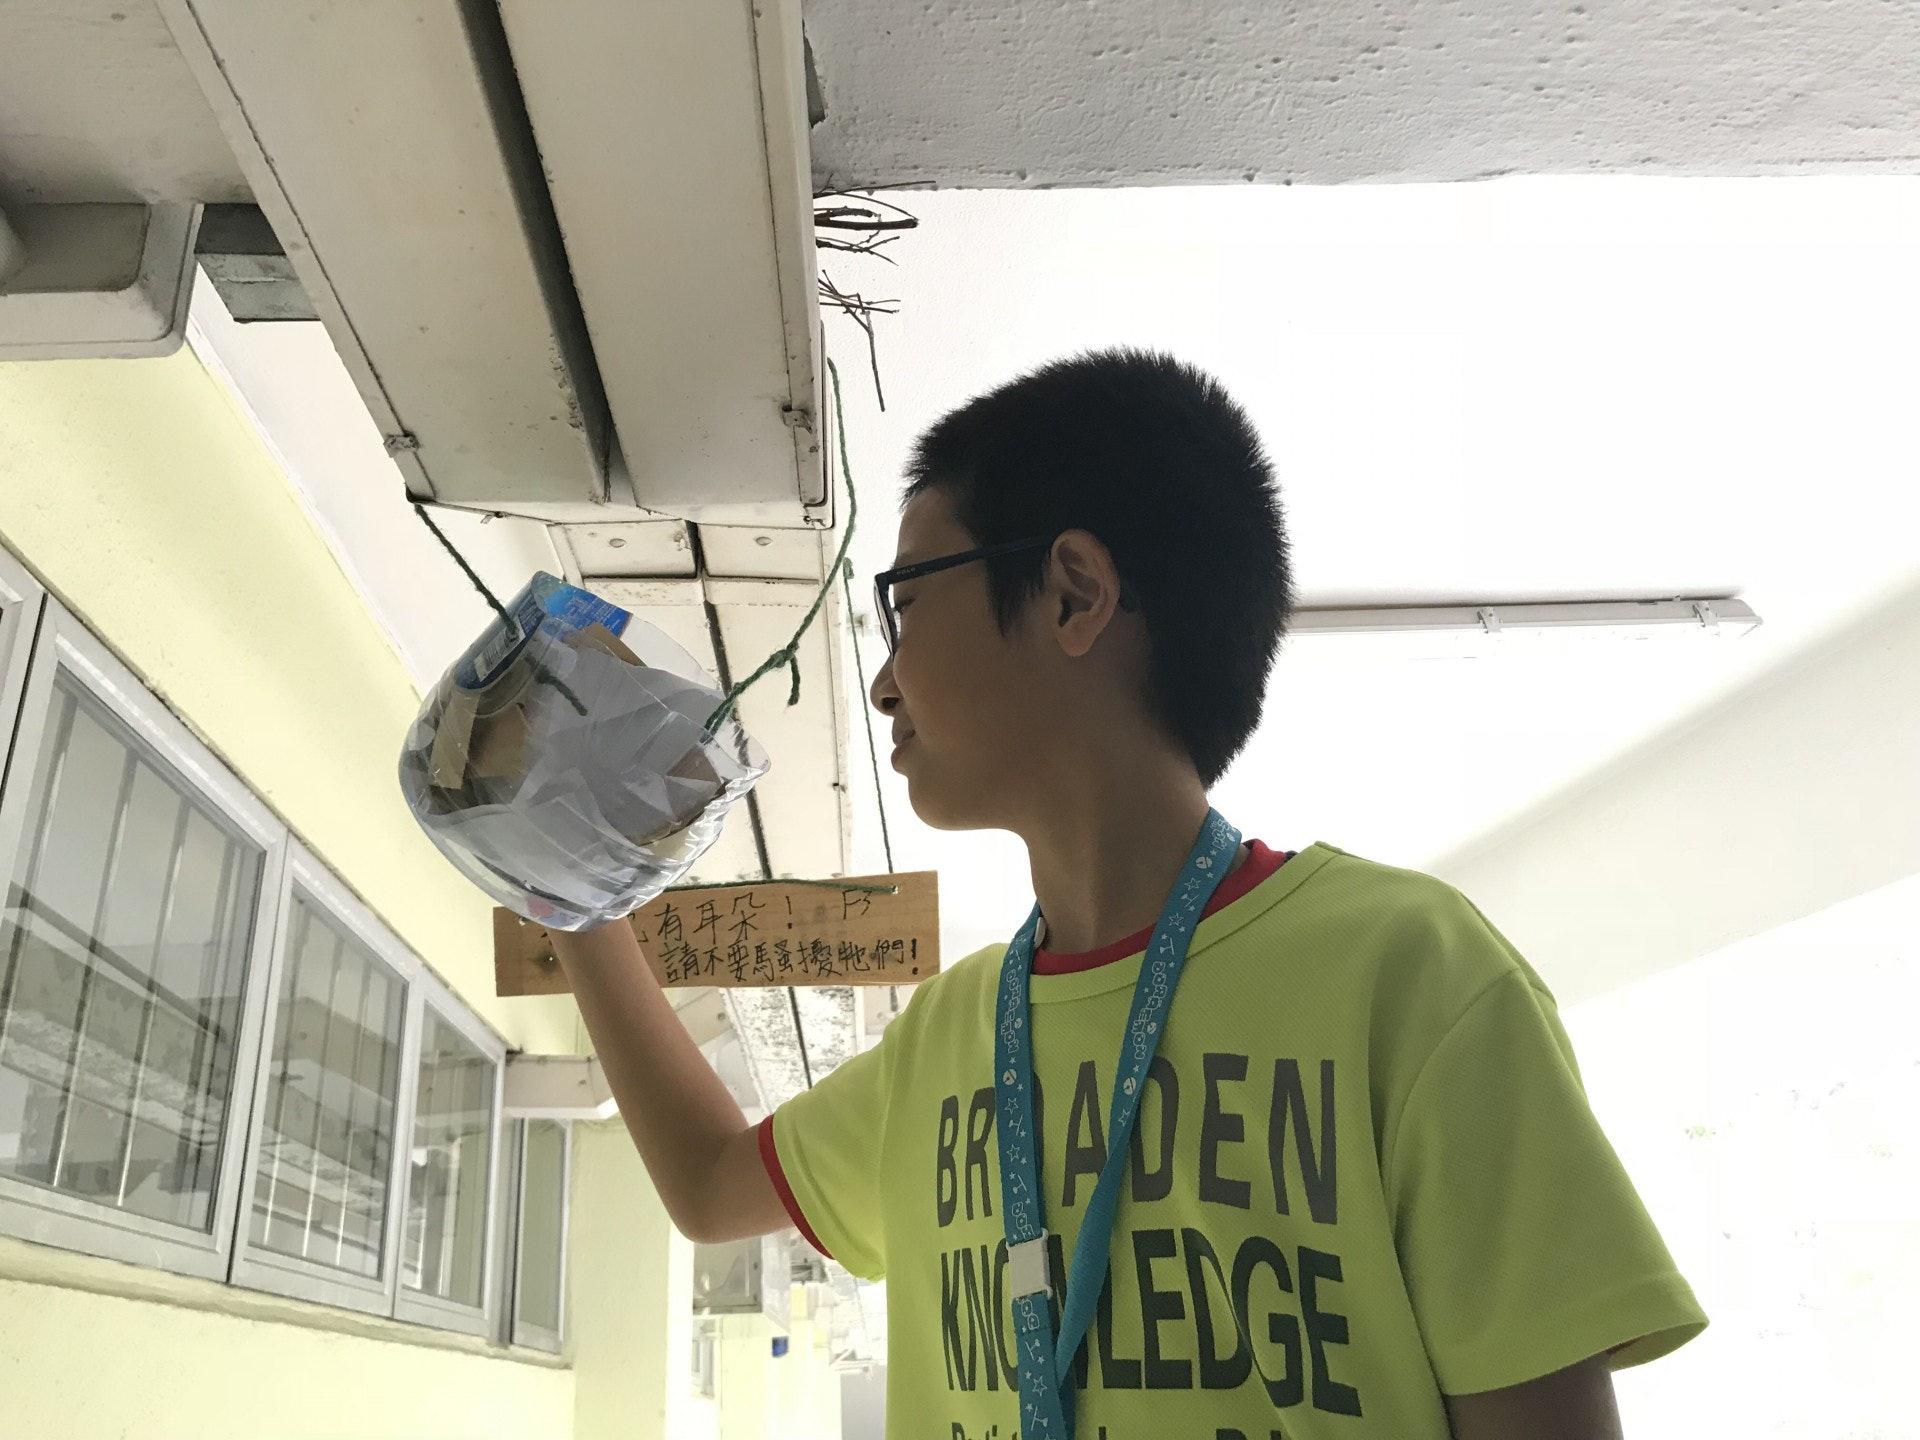 5年級生郭淦權亦表示,目睹雀仔可以繁殖下一代很開心,希望保護到牠們。(鄧穎琳攝)